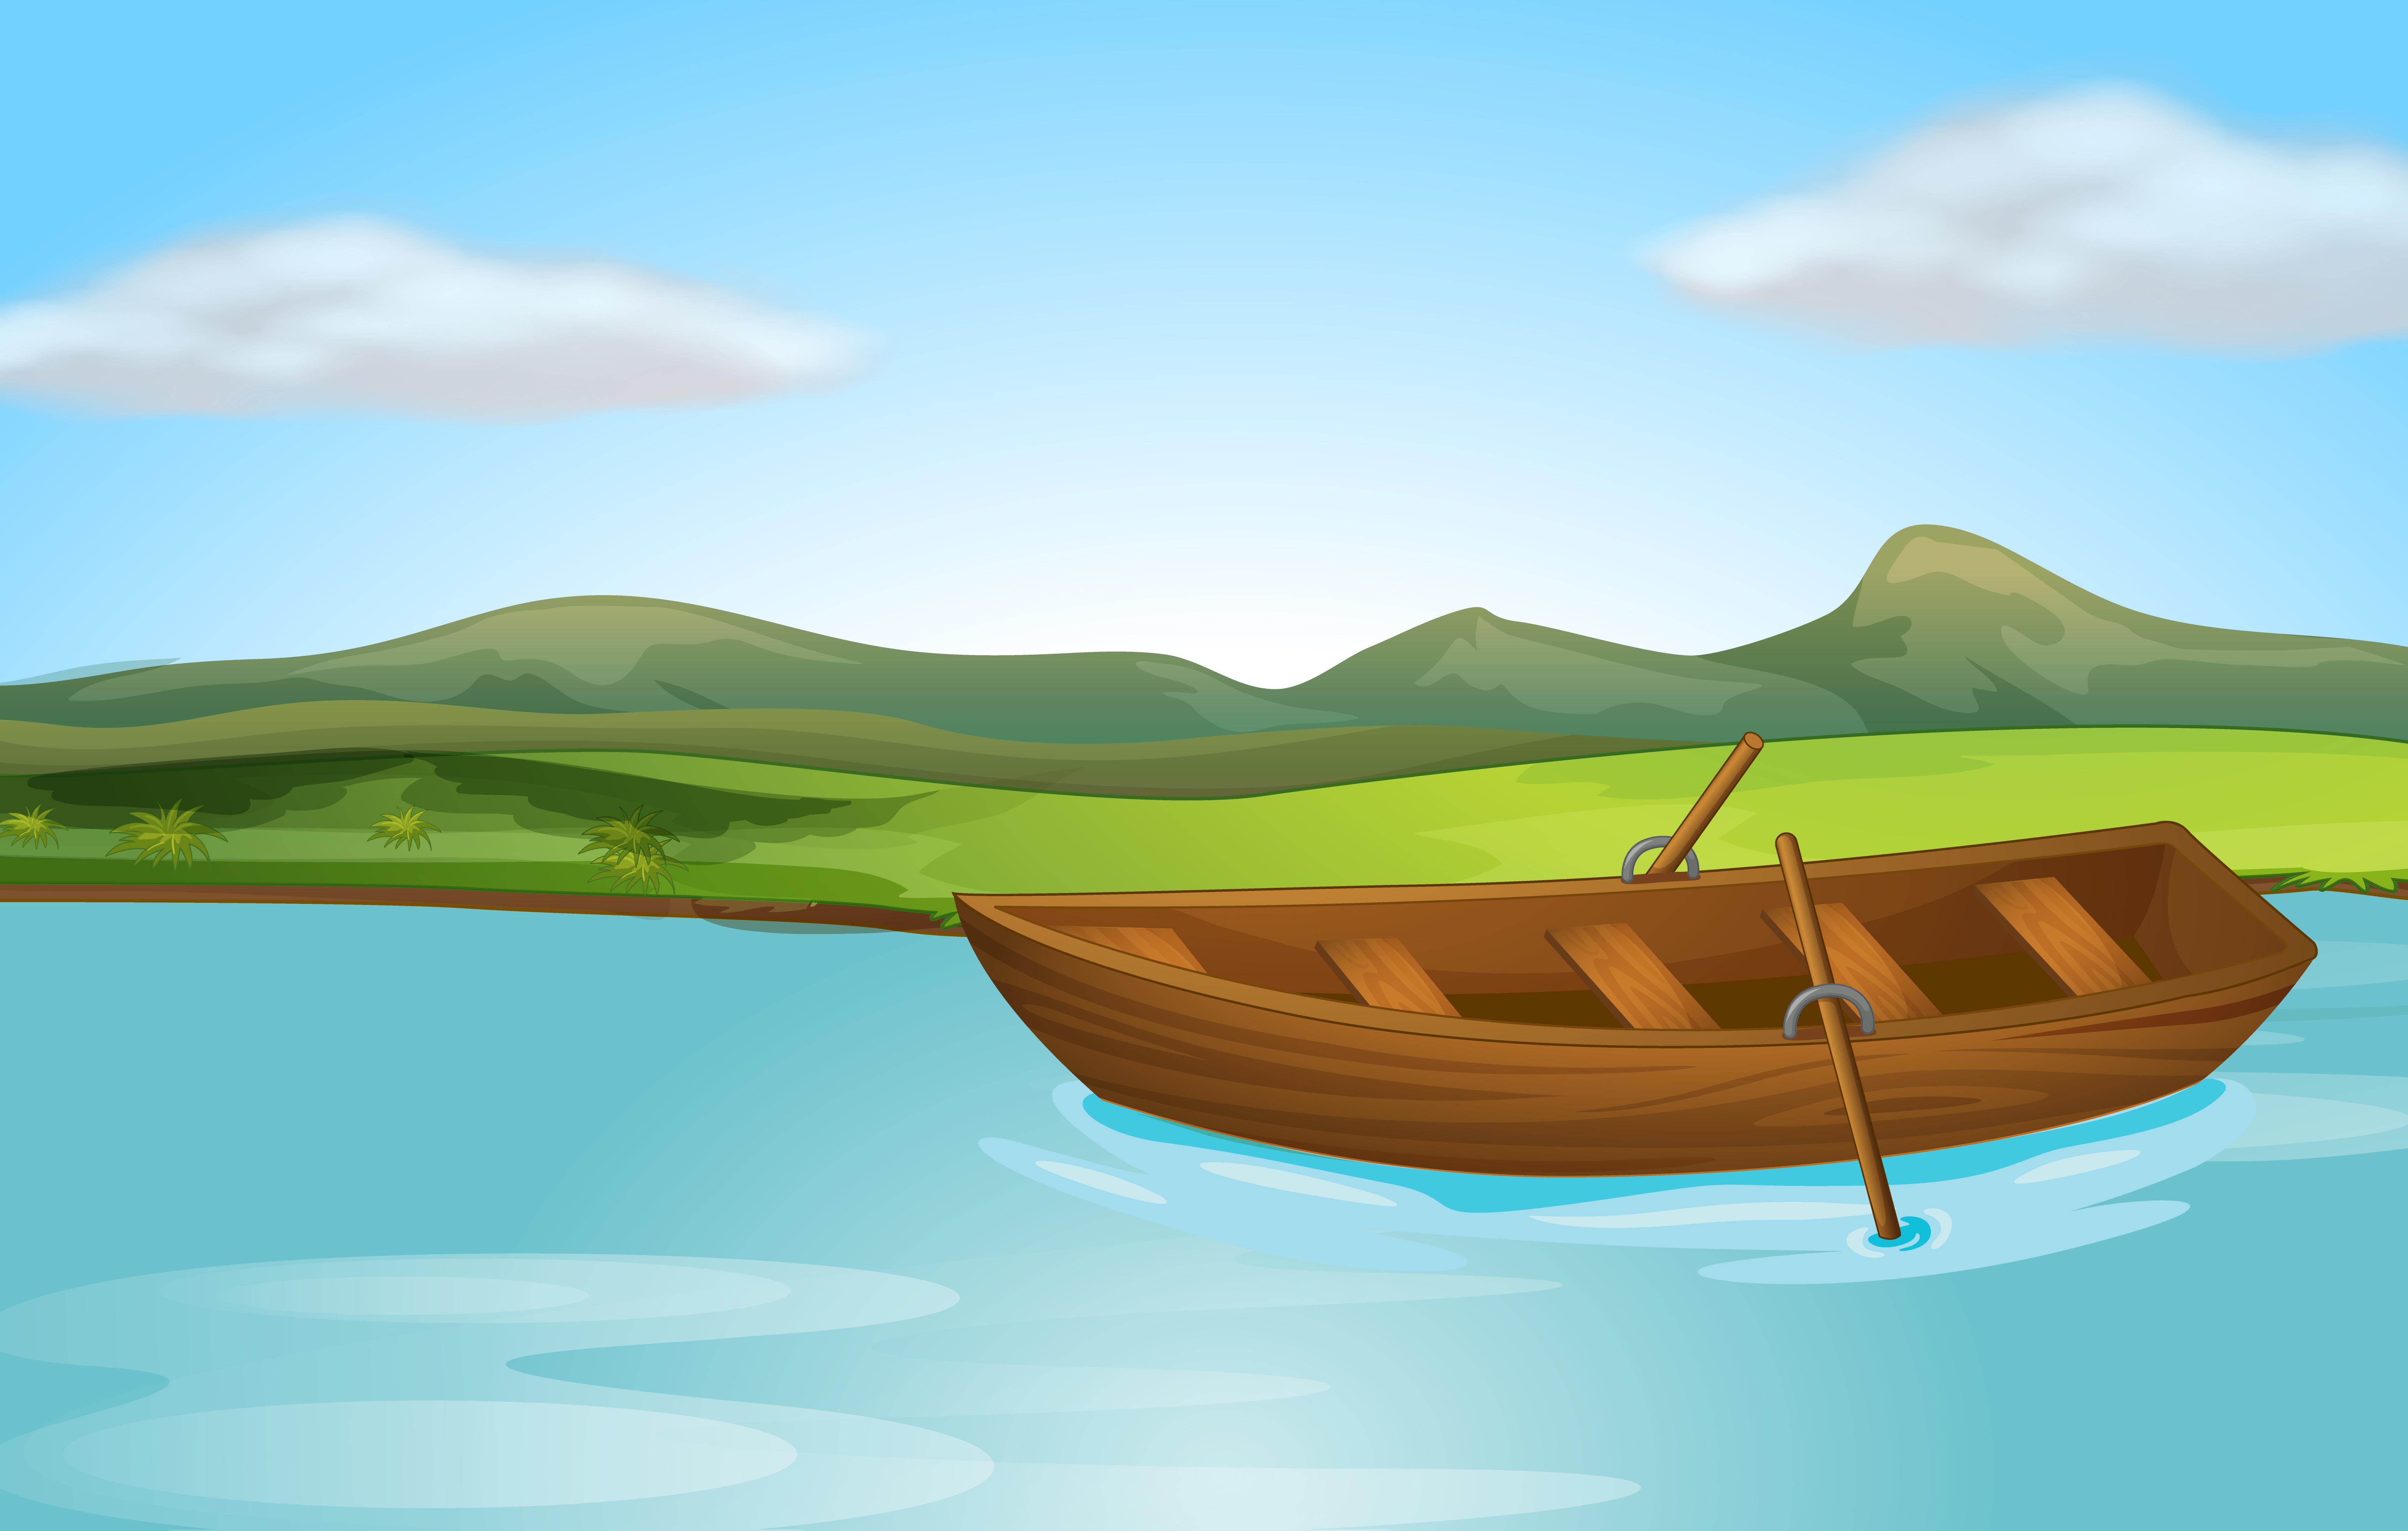 Une rivière et un bateau - Telecharger Vectoriel Gratuit ...